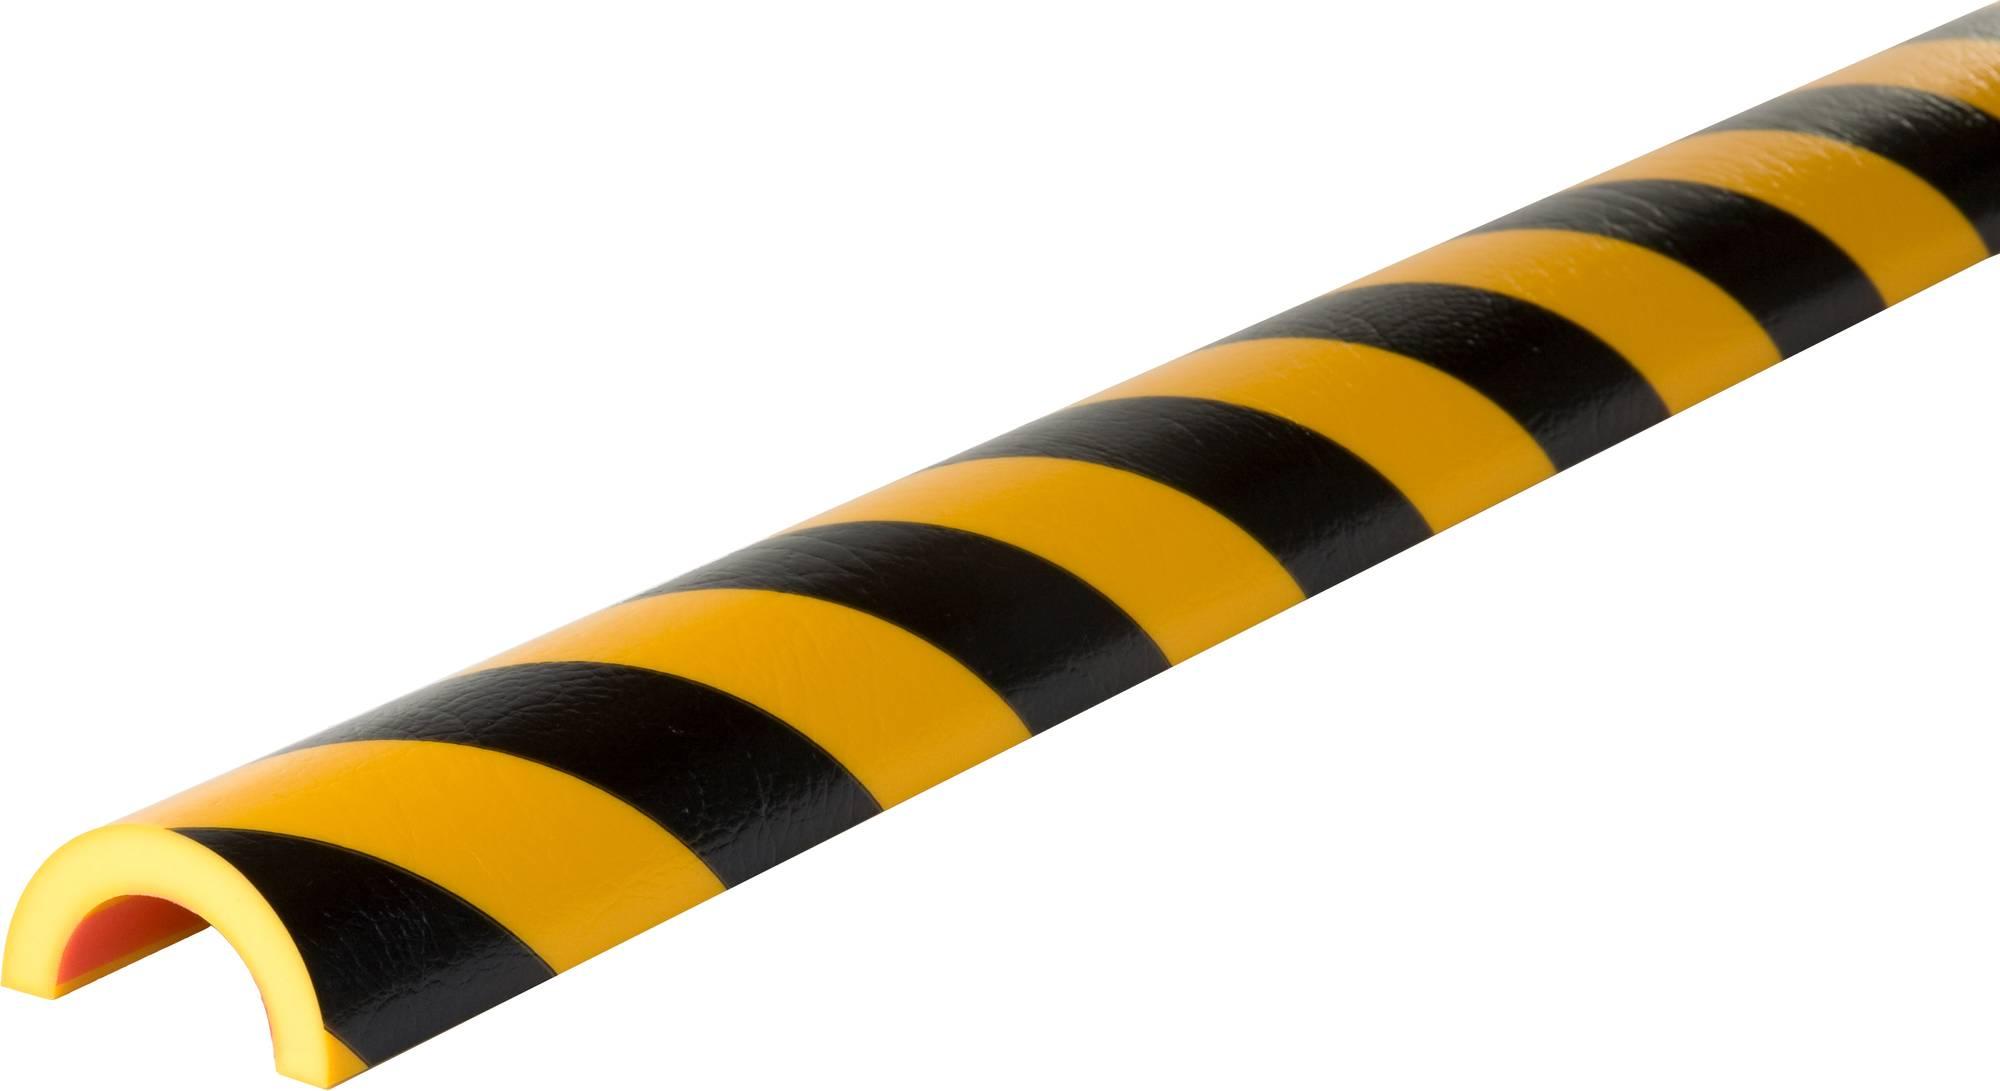 selbstklebender Rohrschutz Bogen Typ R50 in gelb/schwarz, absorbiert Stöße und warnt